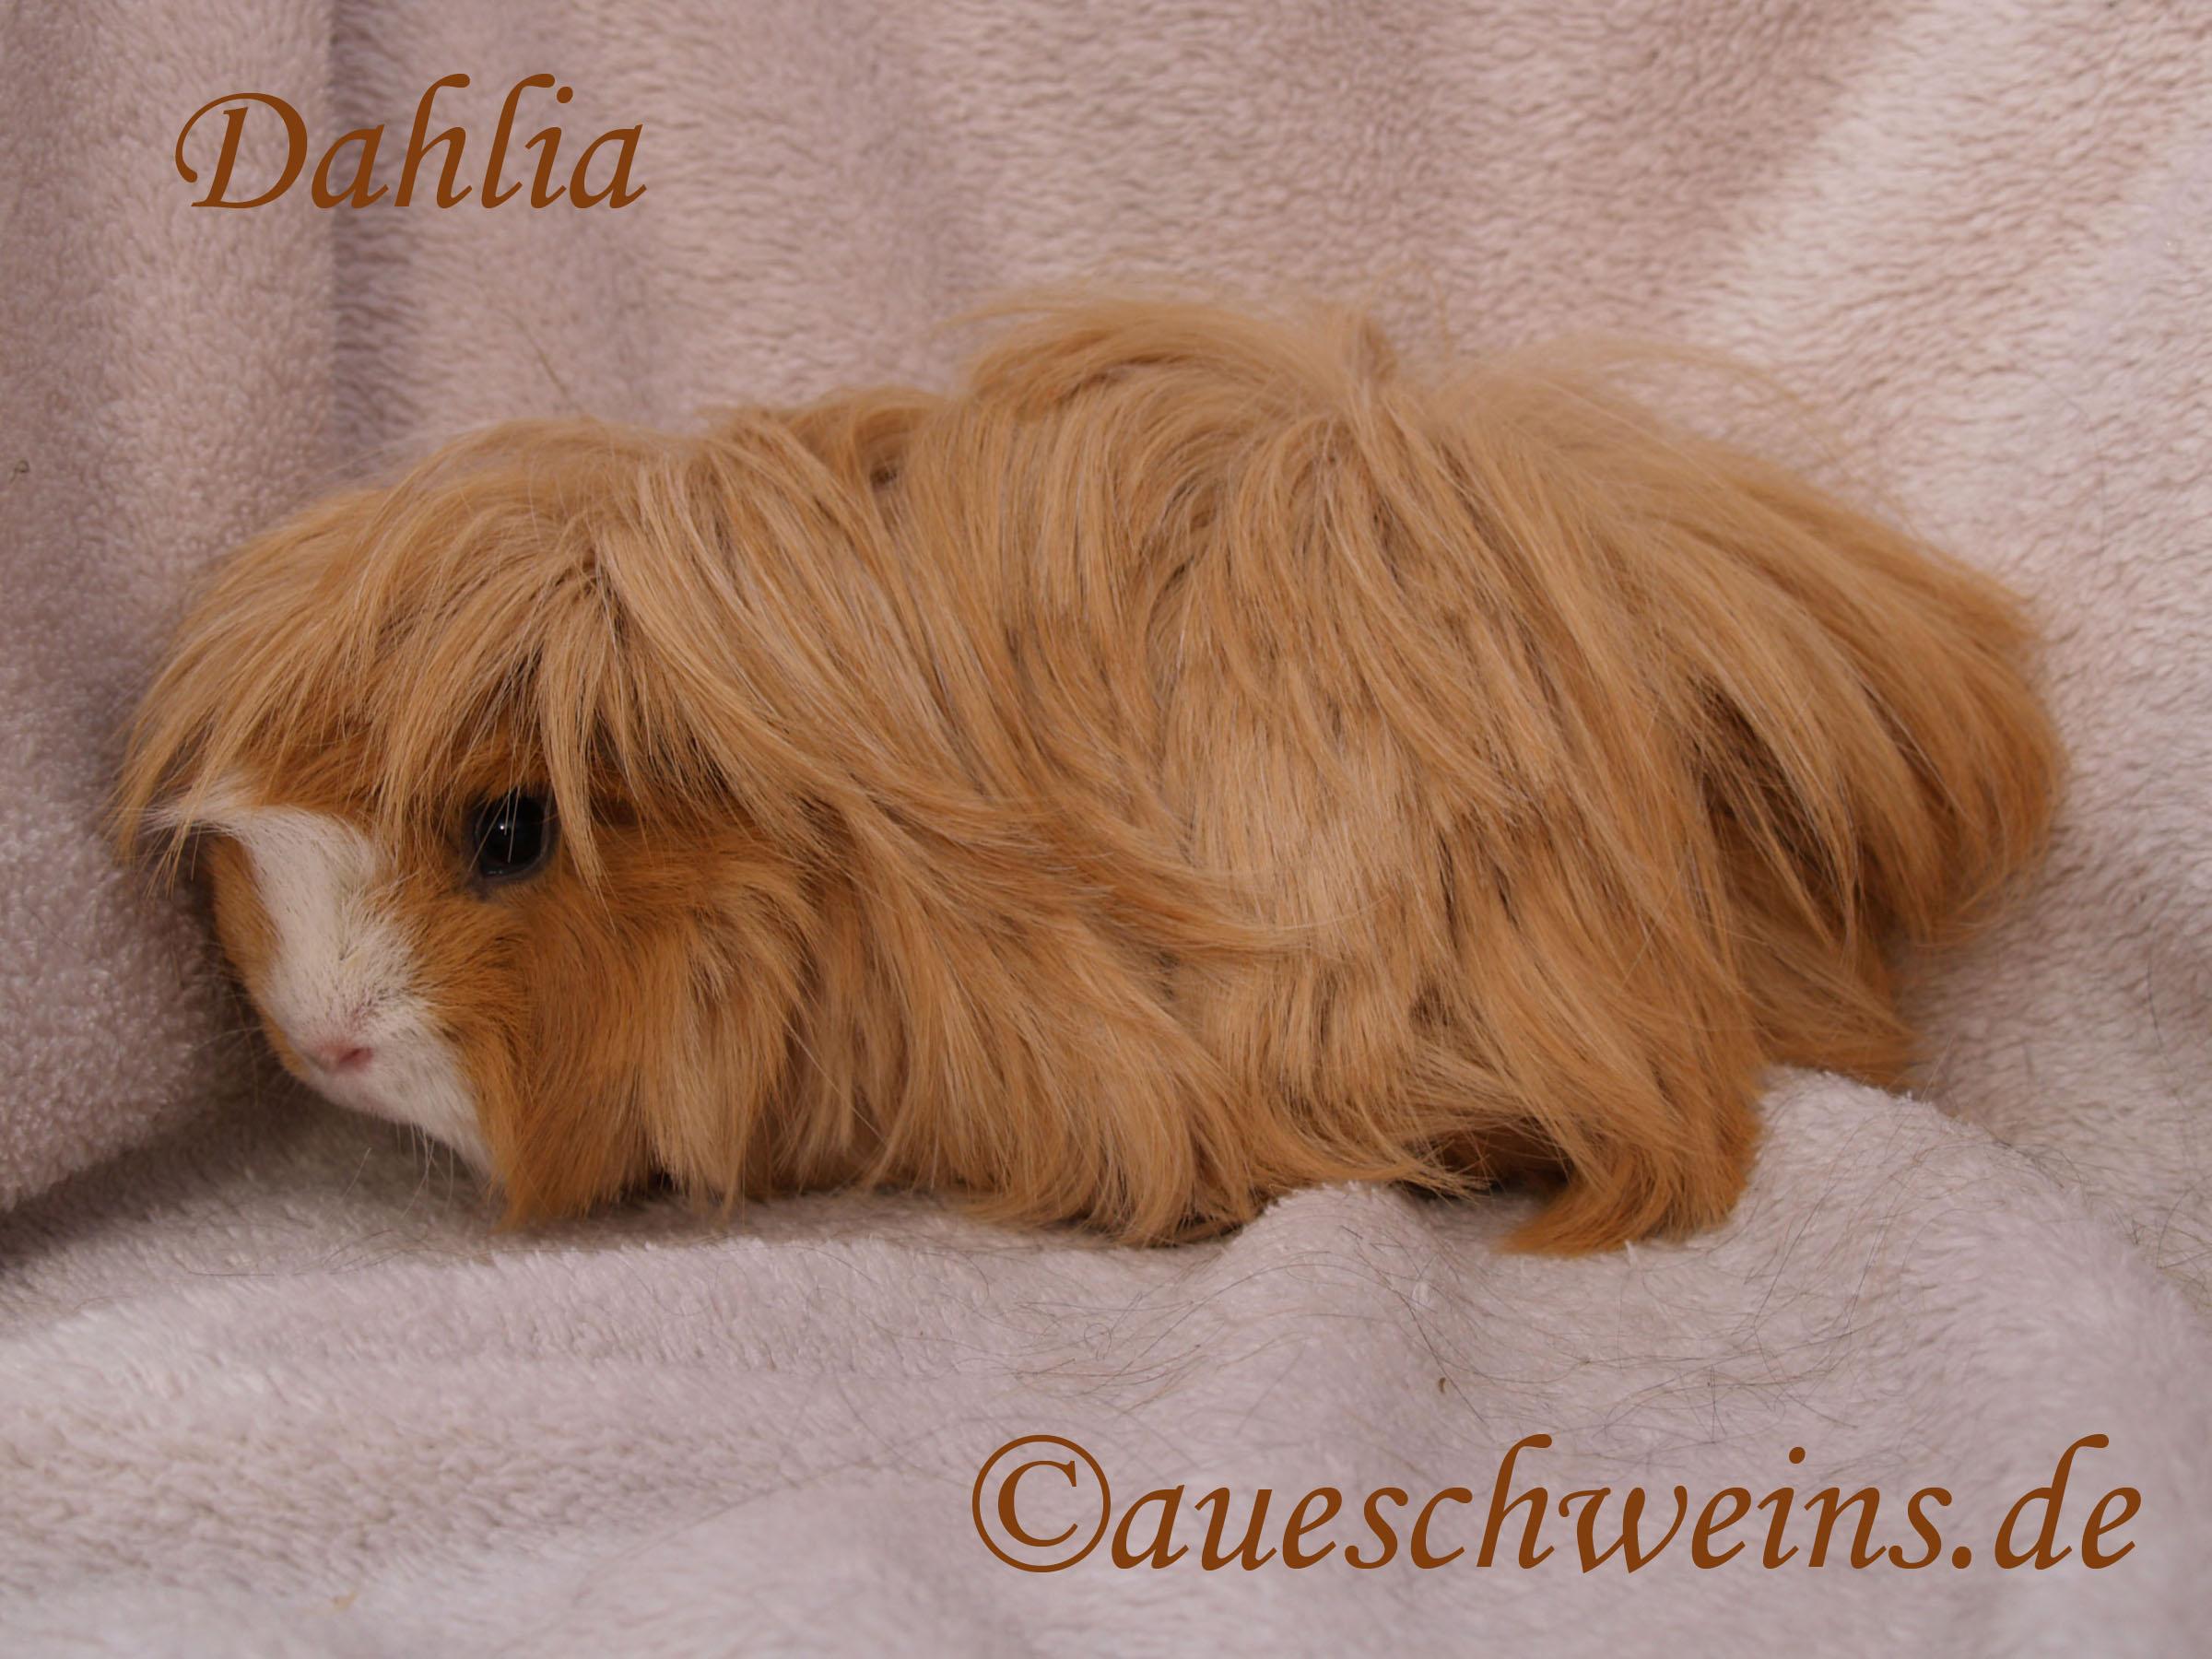 Dahlia von den Aueschweins